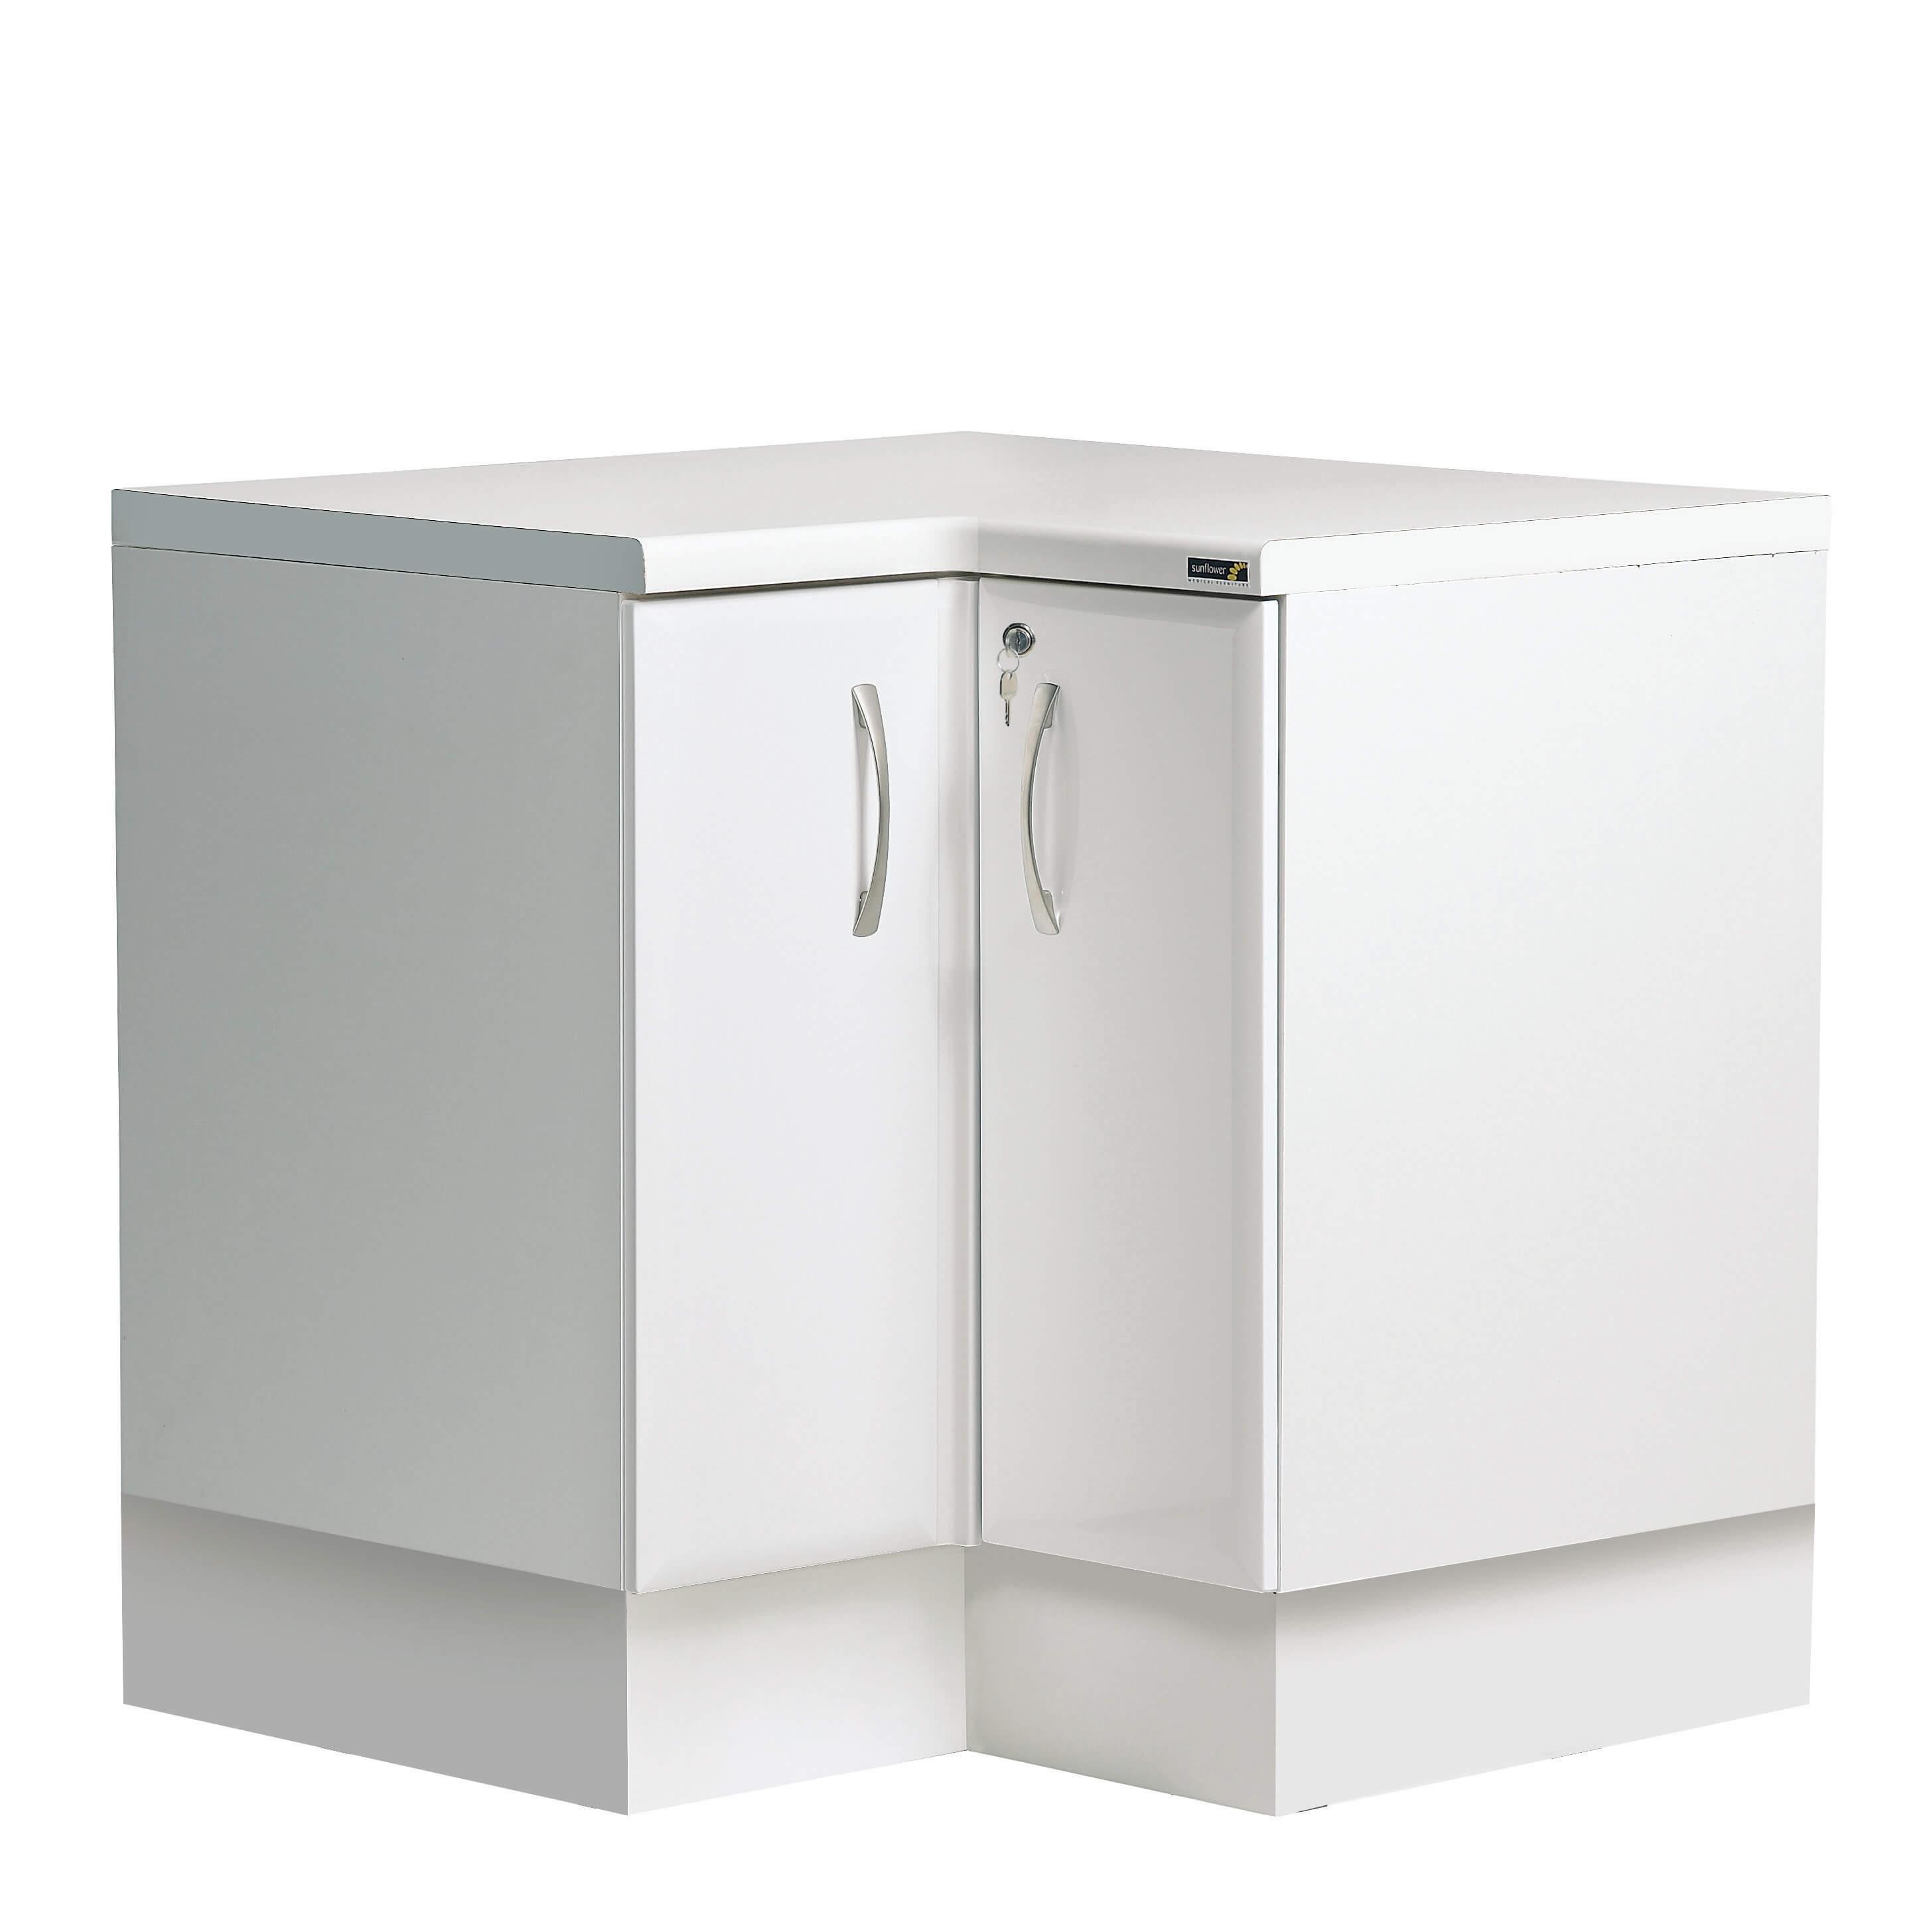 'L' Shaped Corner Base Cabinet